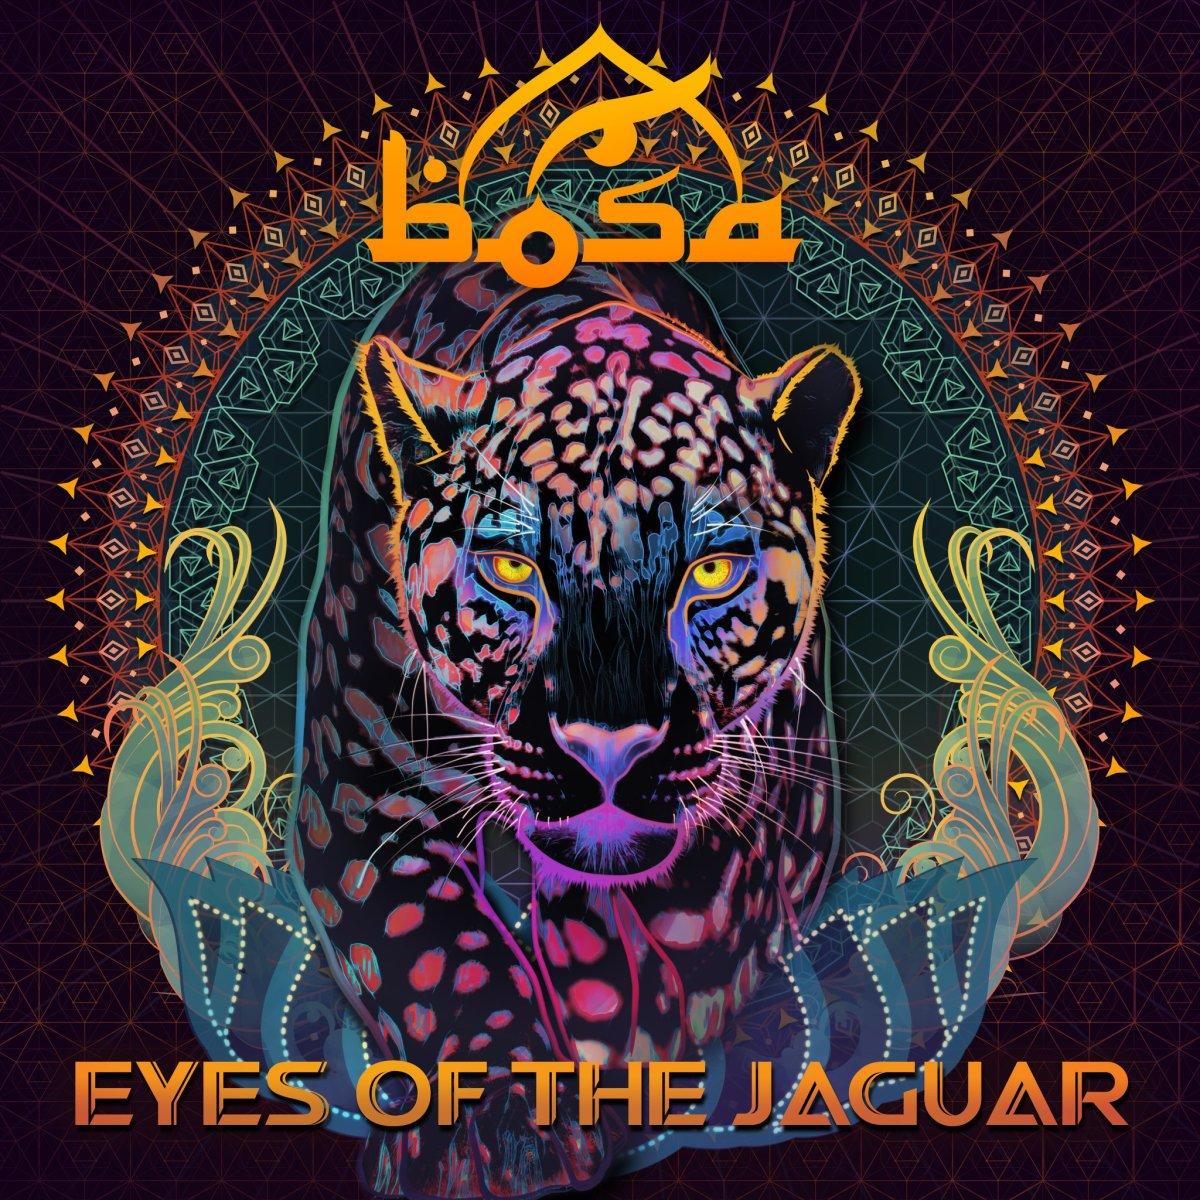 BOSA - Eyes Of The Jaguar (Album Cover Art) - Stephan Jacobs New Alias